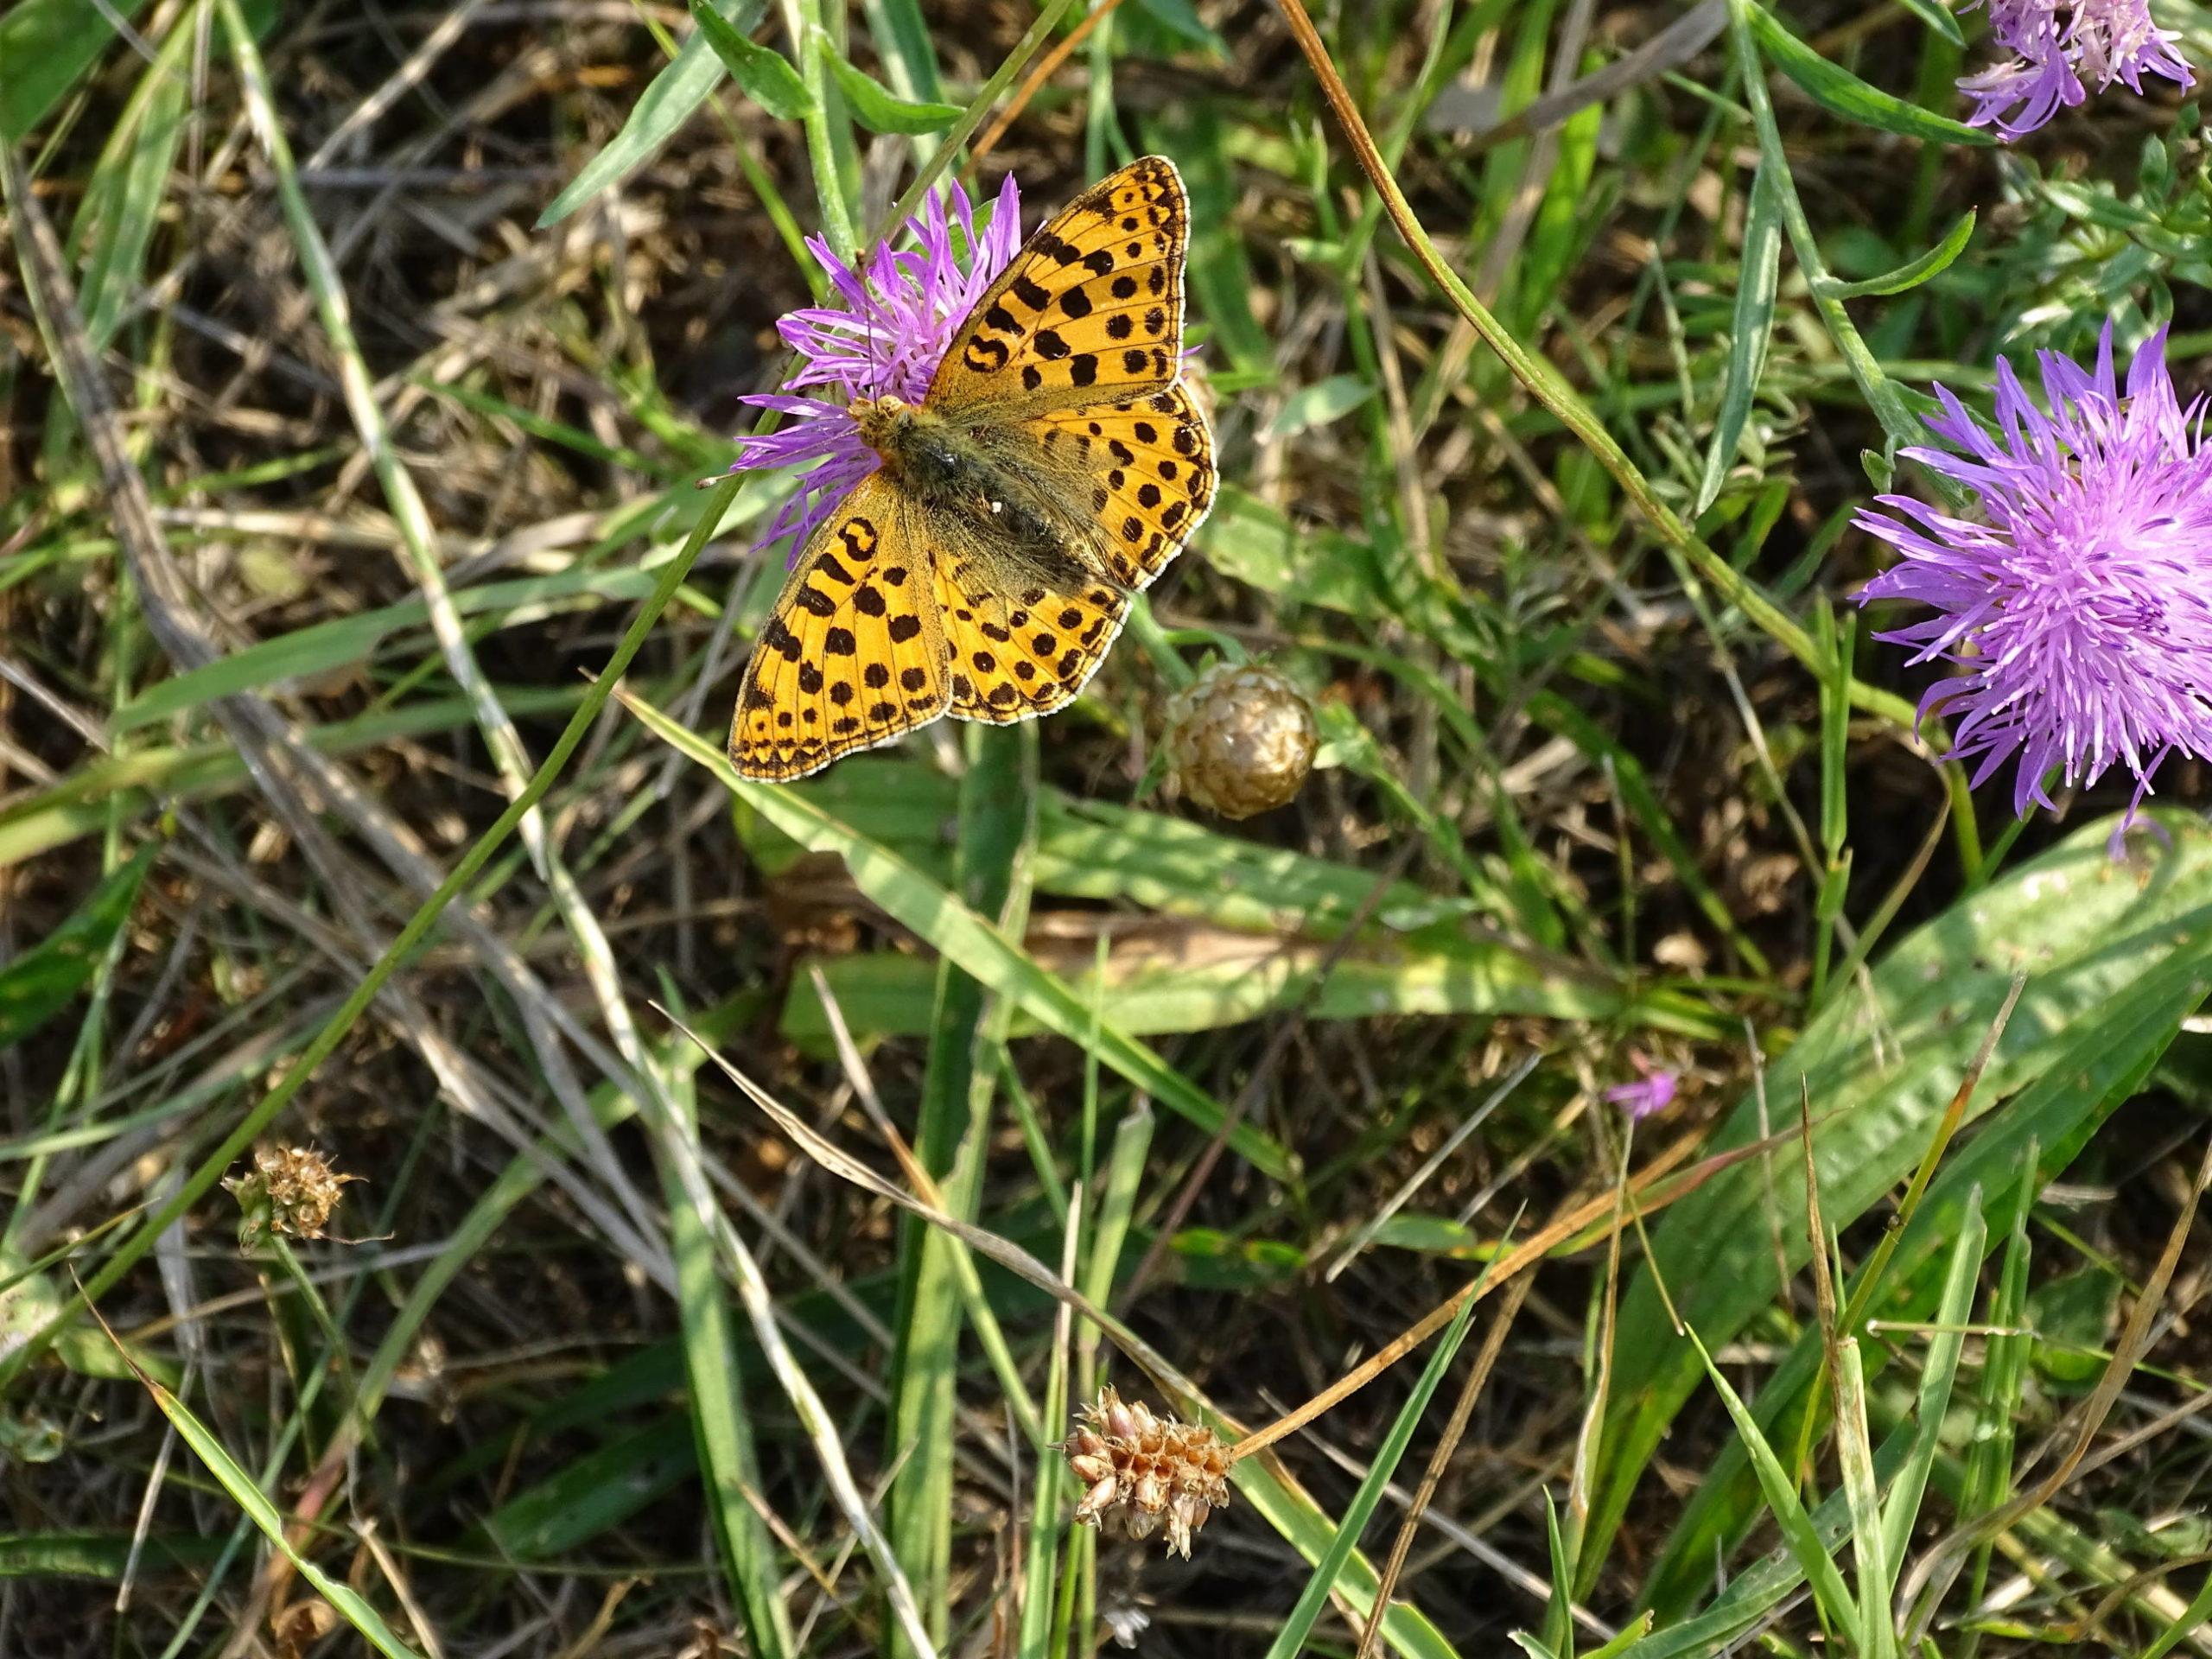 Bunte Pracht der Schmetterlinge in der Ökostation